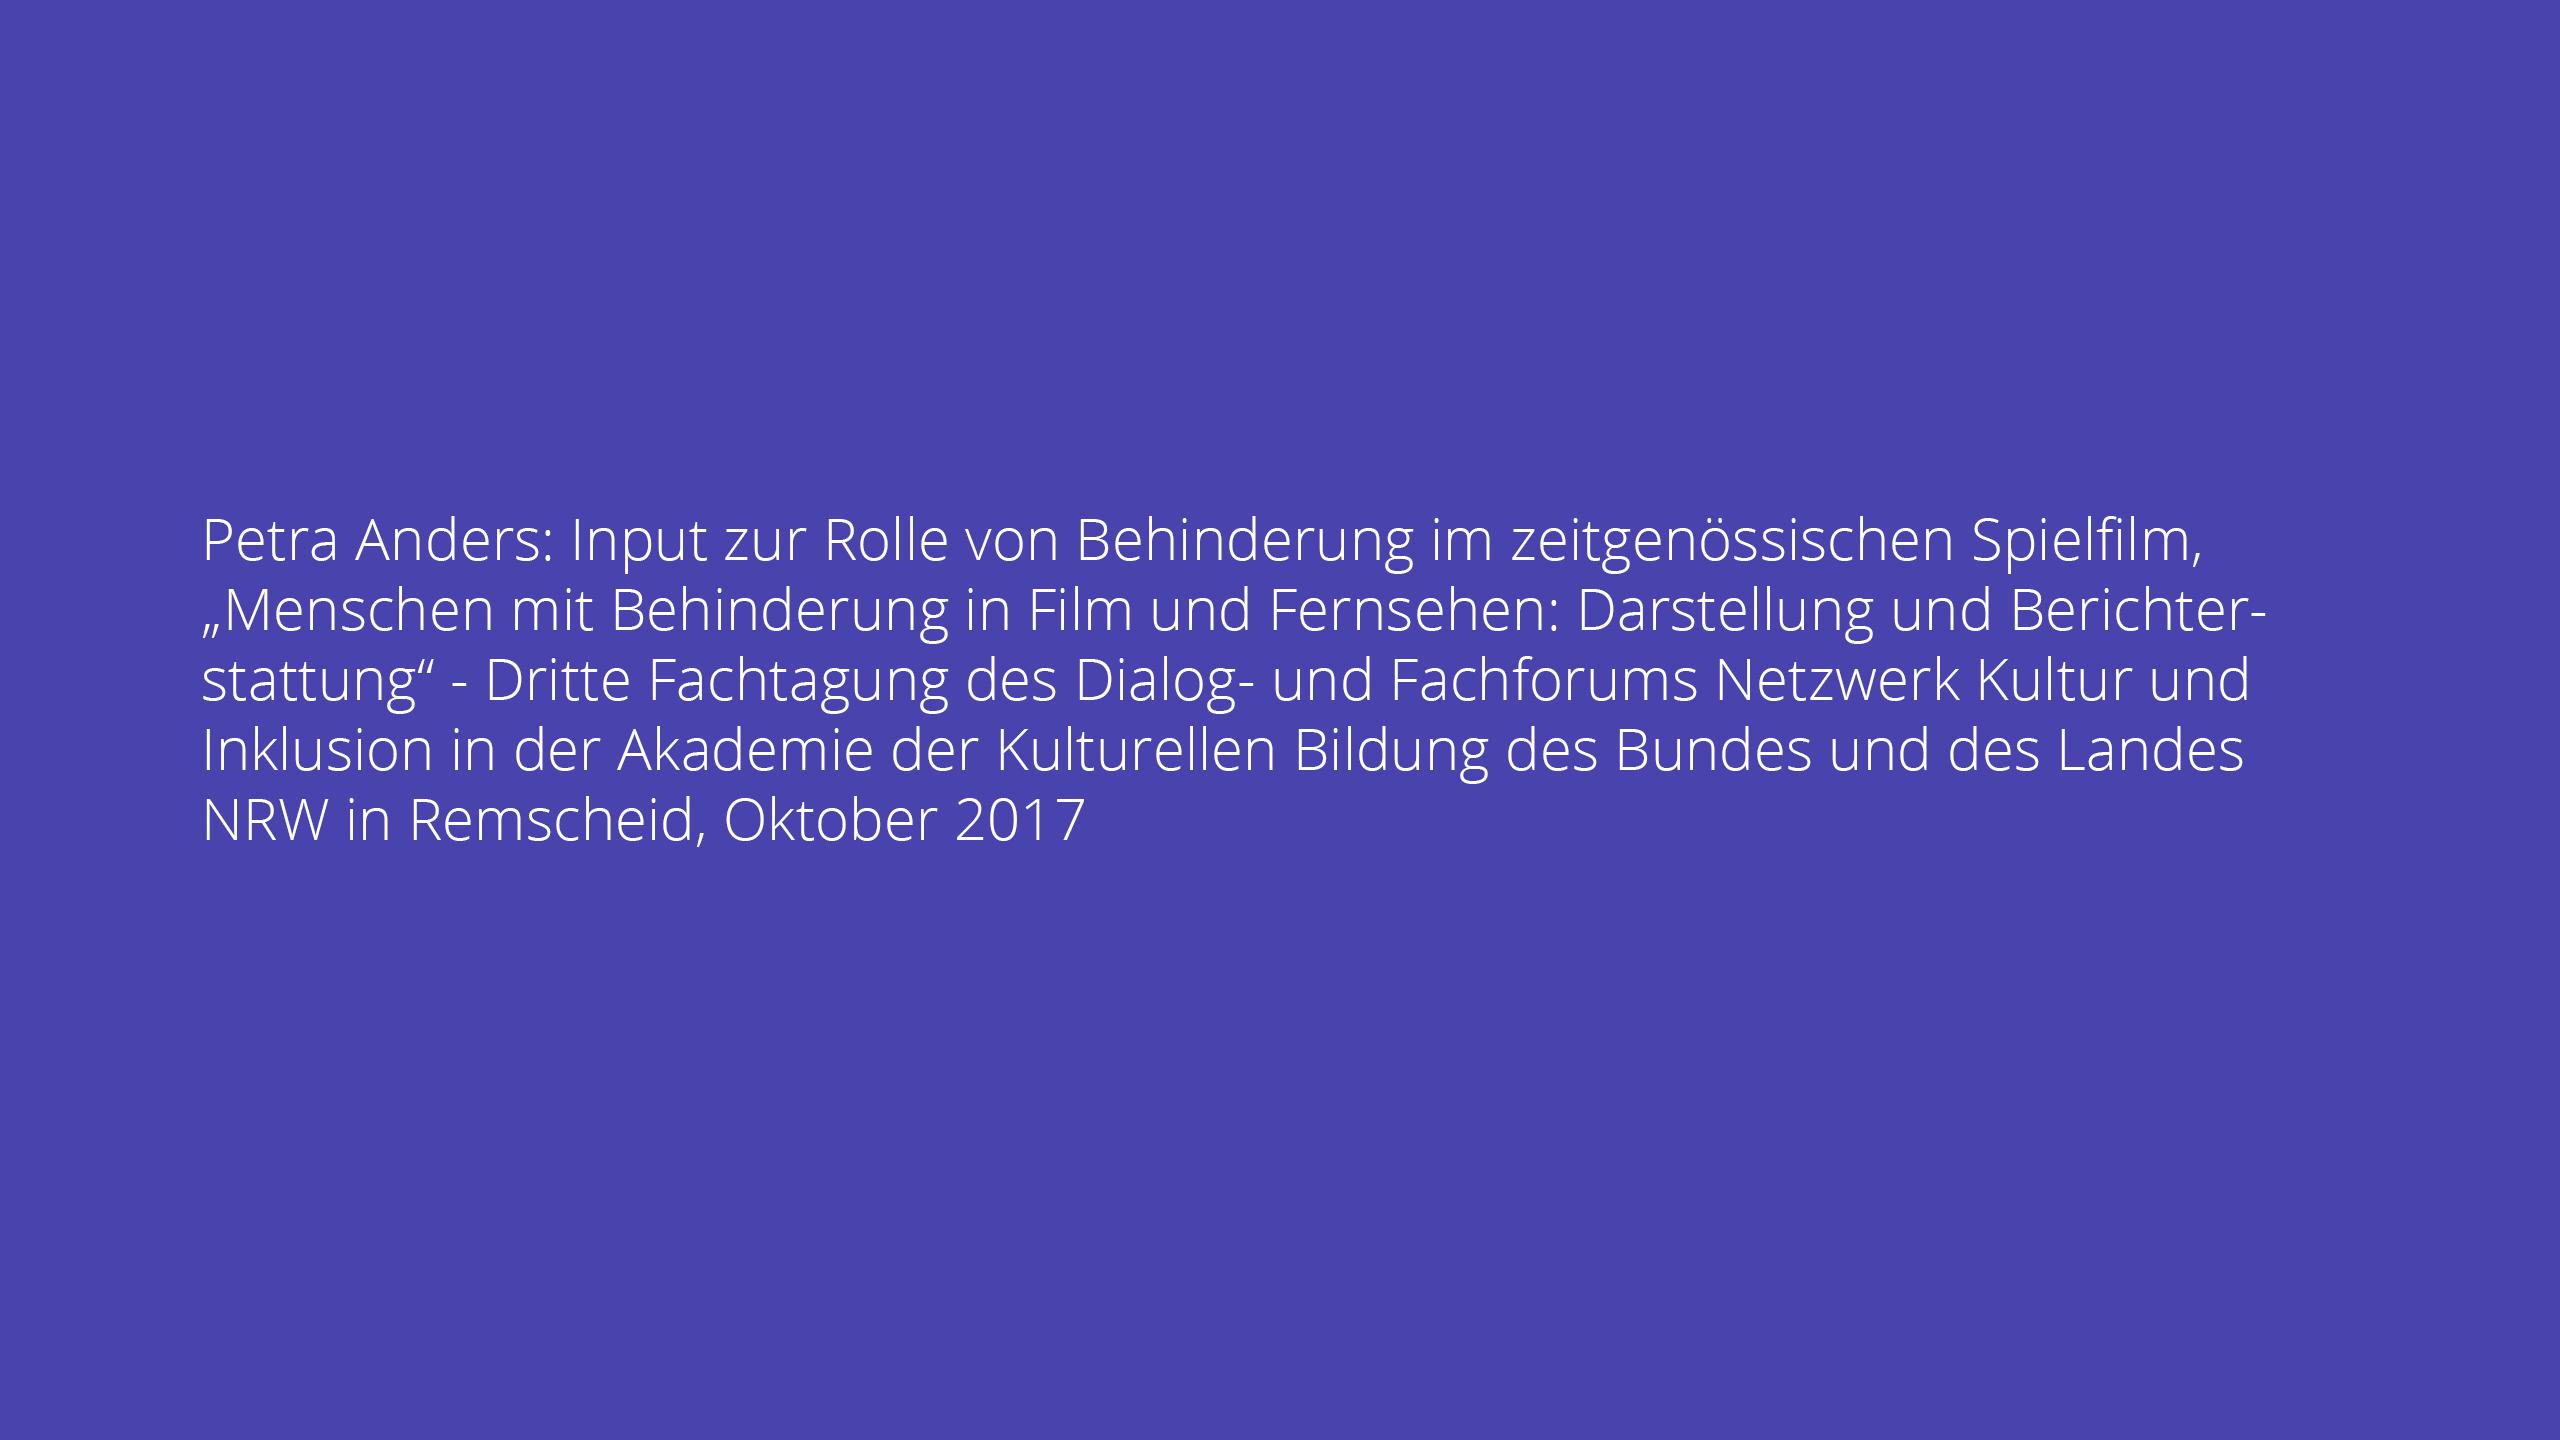 Vortrag: Input zur Rolle von Behinderung im zeitgenössischen Spielfilm